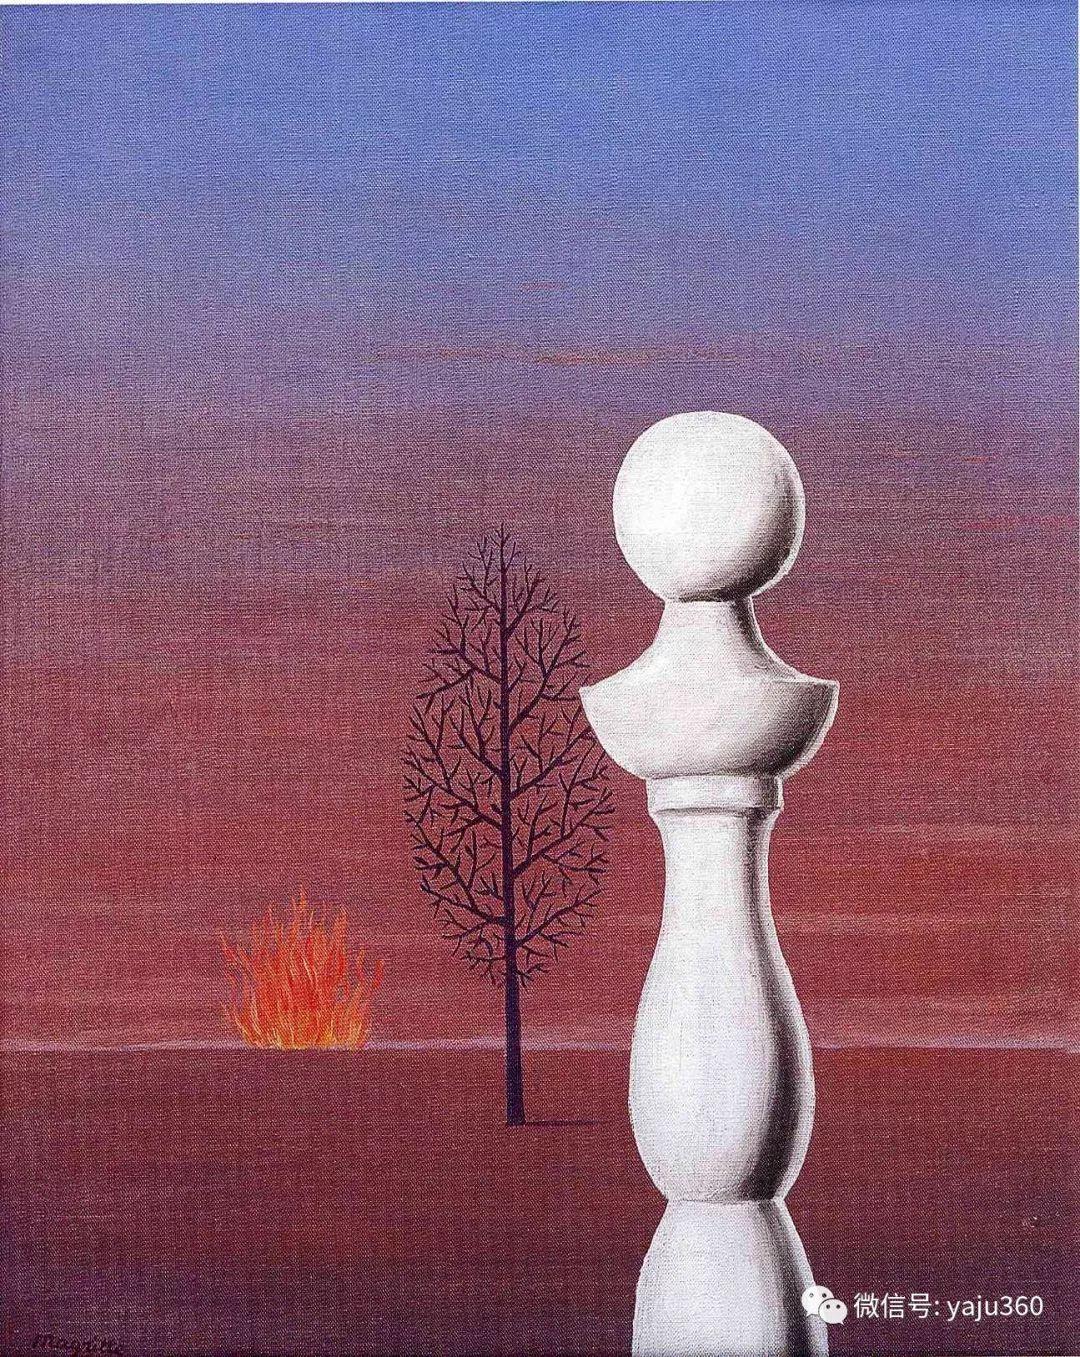 超现实主义 比利时画家Rene Magritte插图67